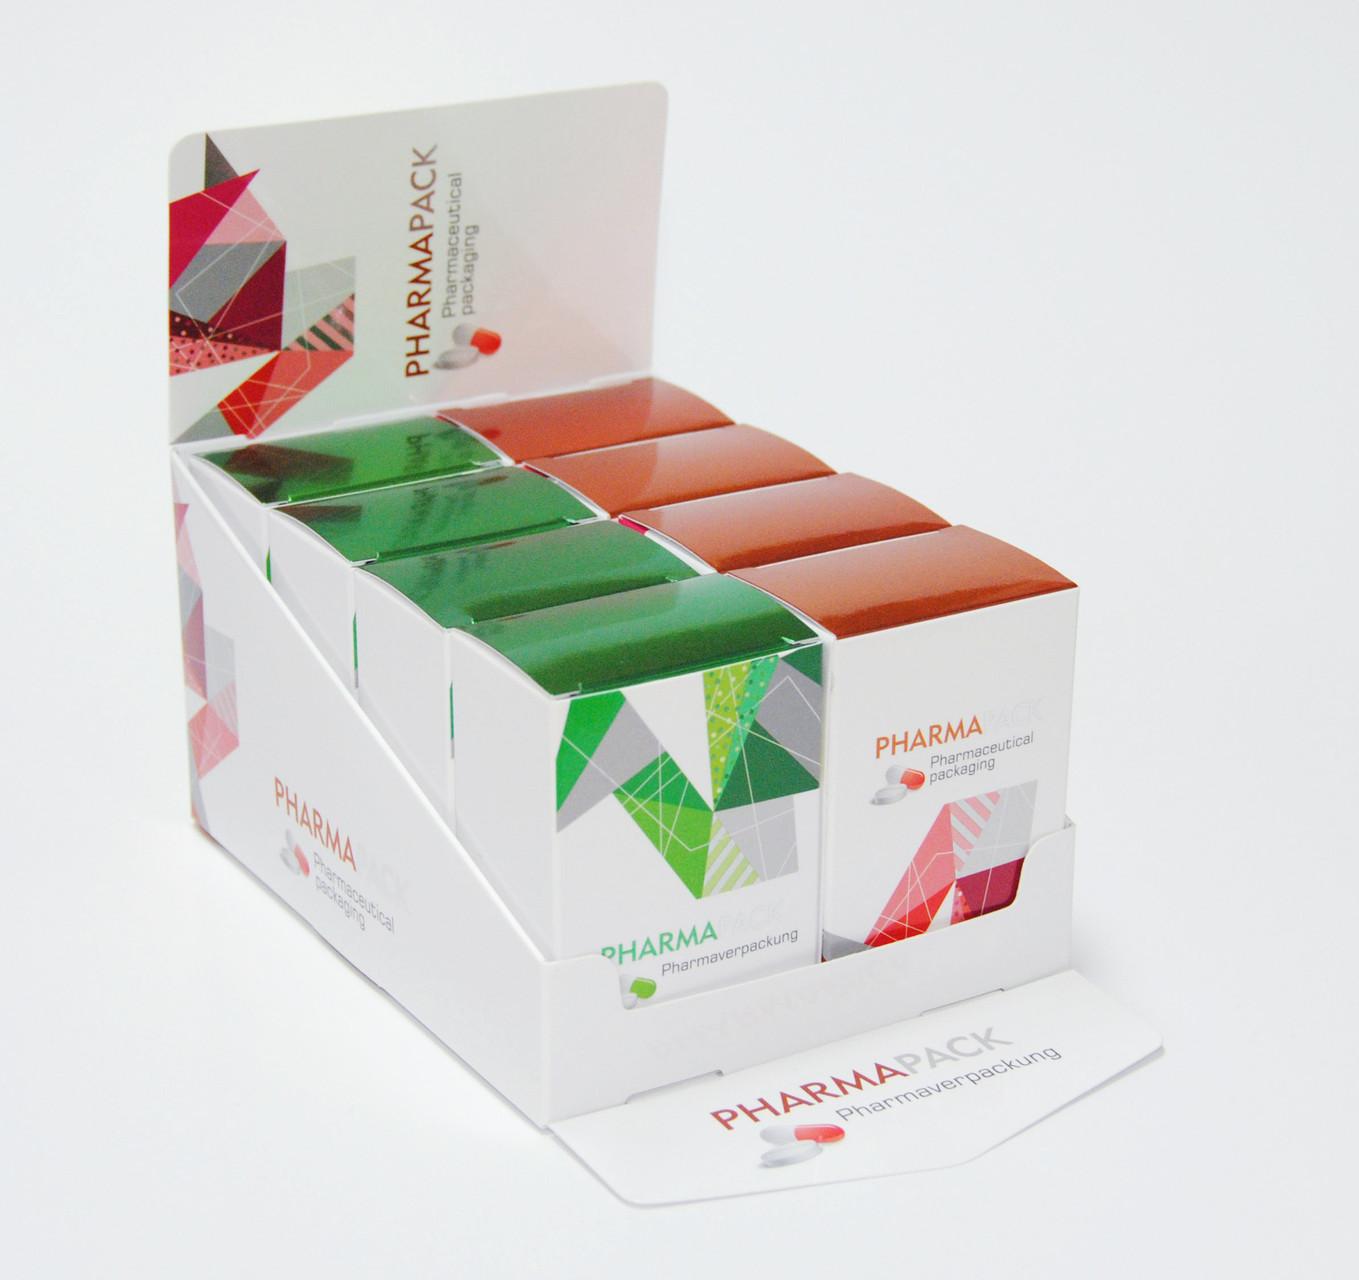 Pharma Verpackung